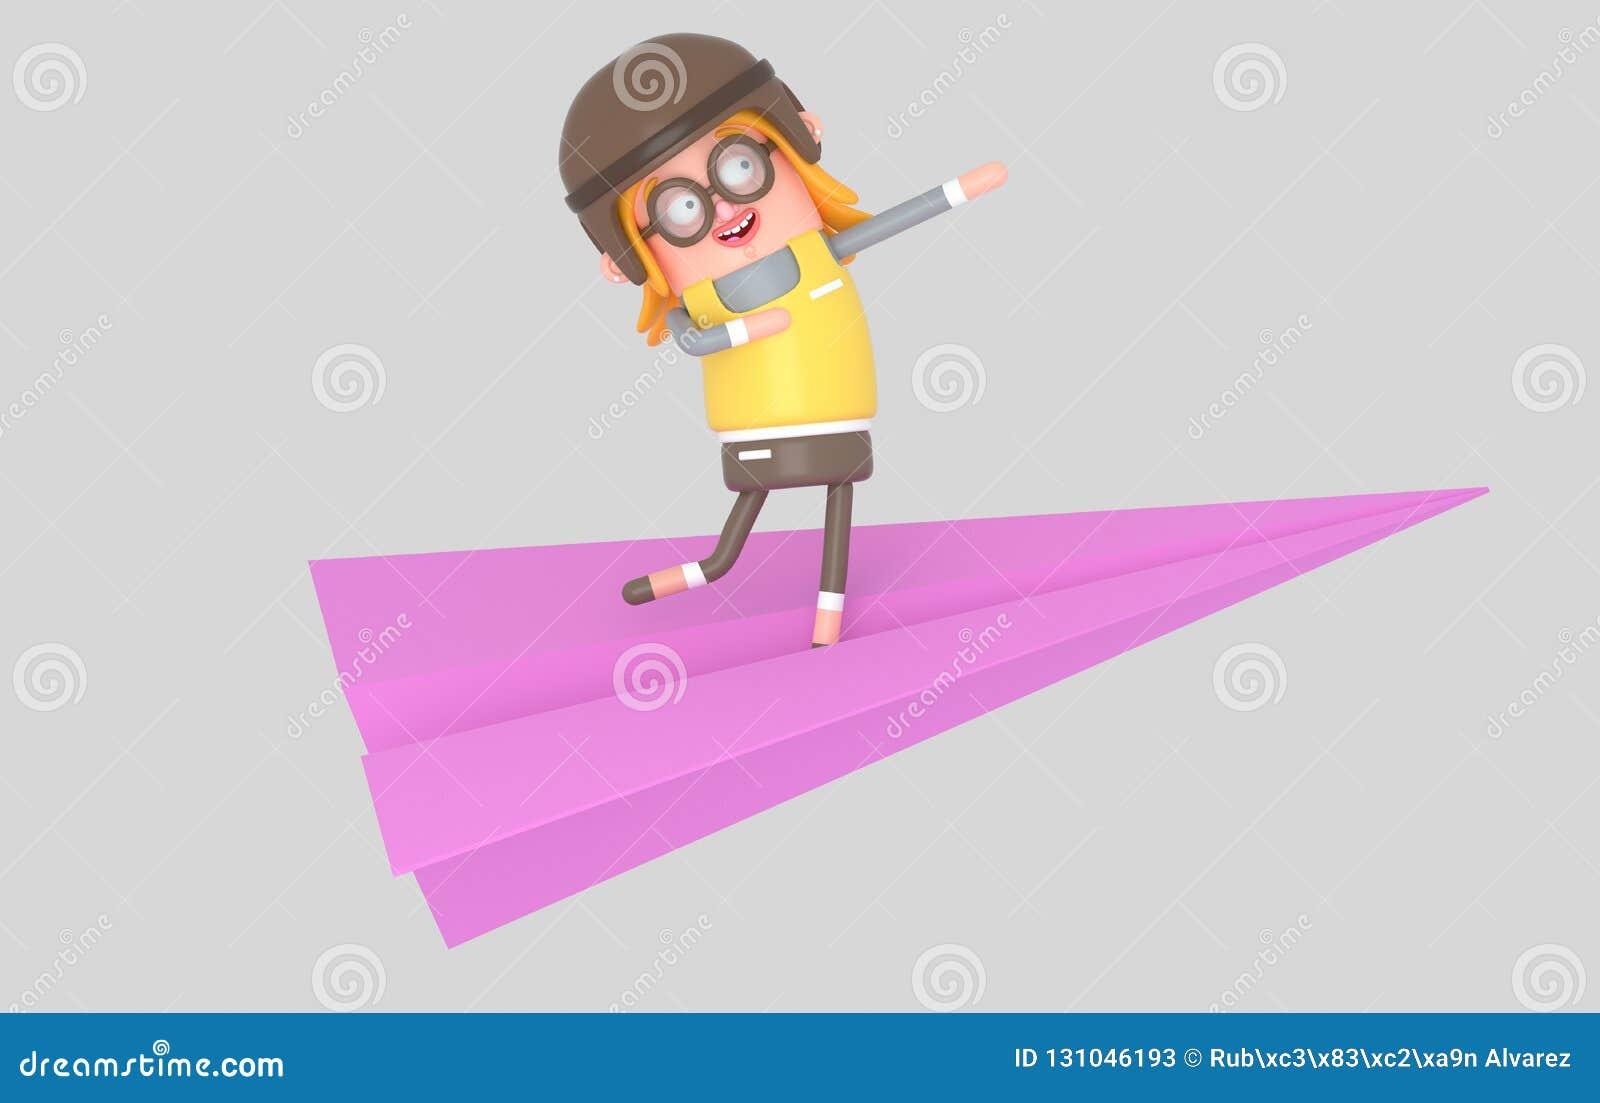 Szczęśliwy dziewczyny latanie w papierowym samolocie ilustracja 3 d